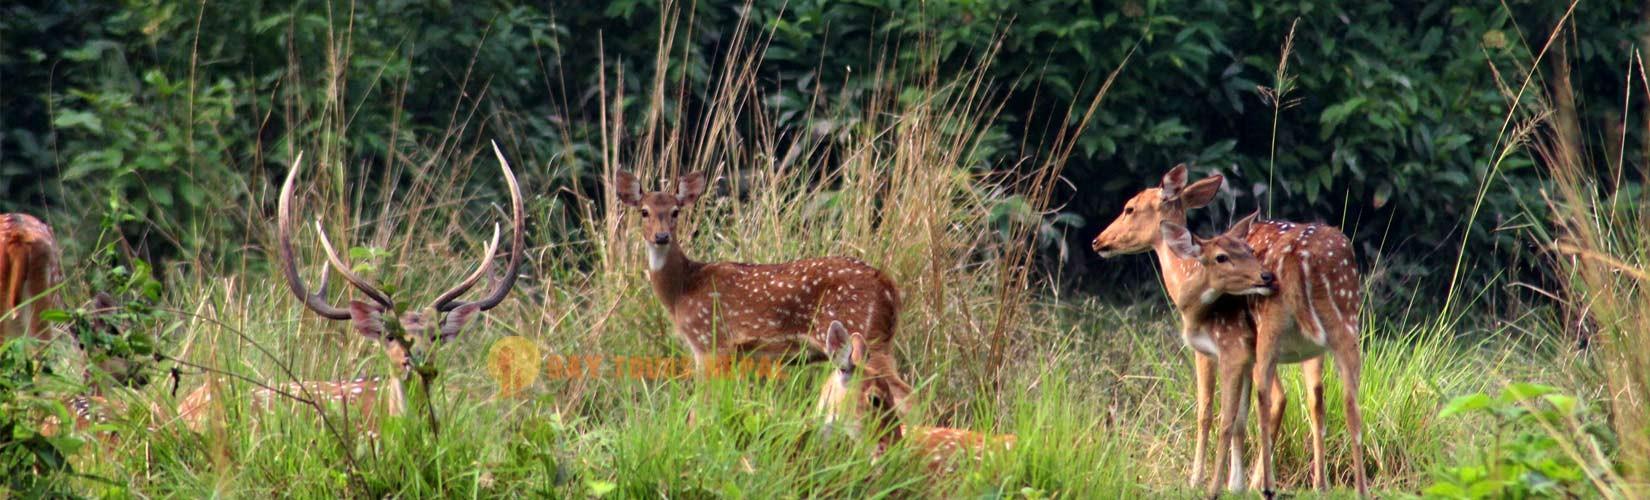 Bardia National Park Safari Tour